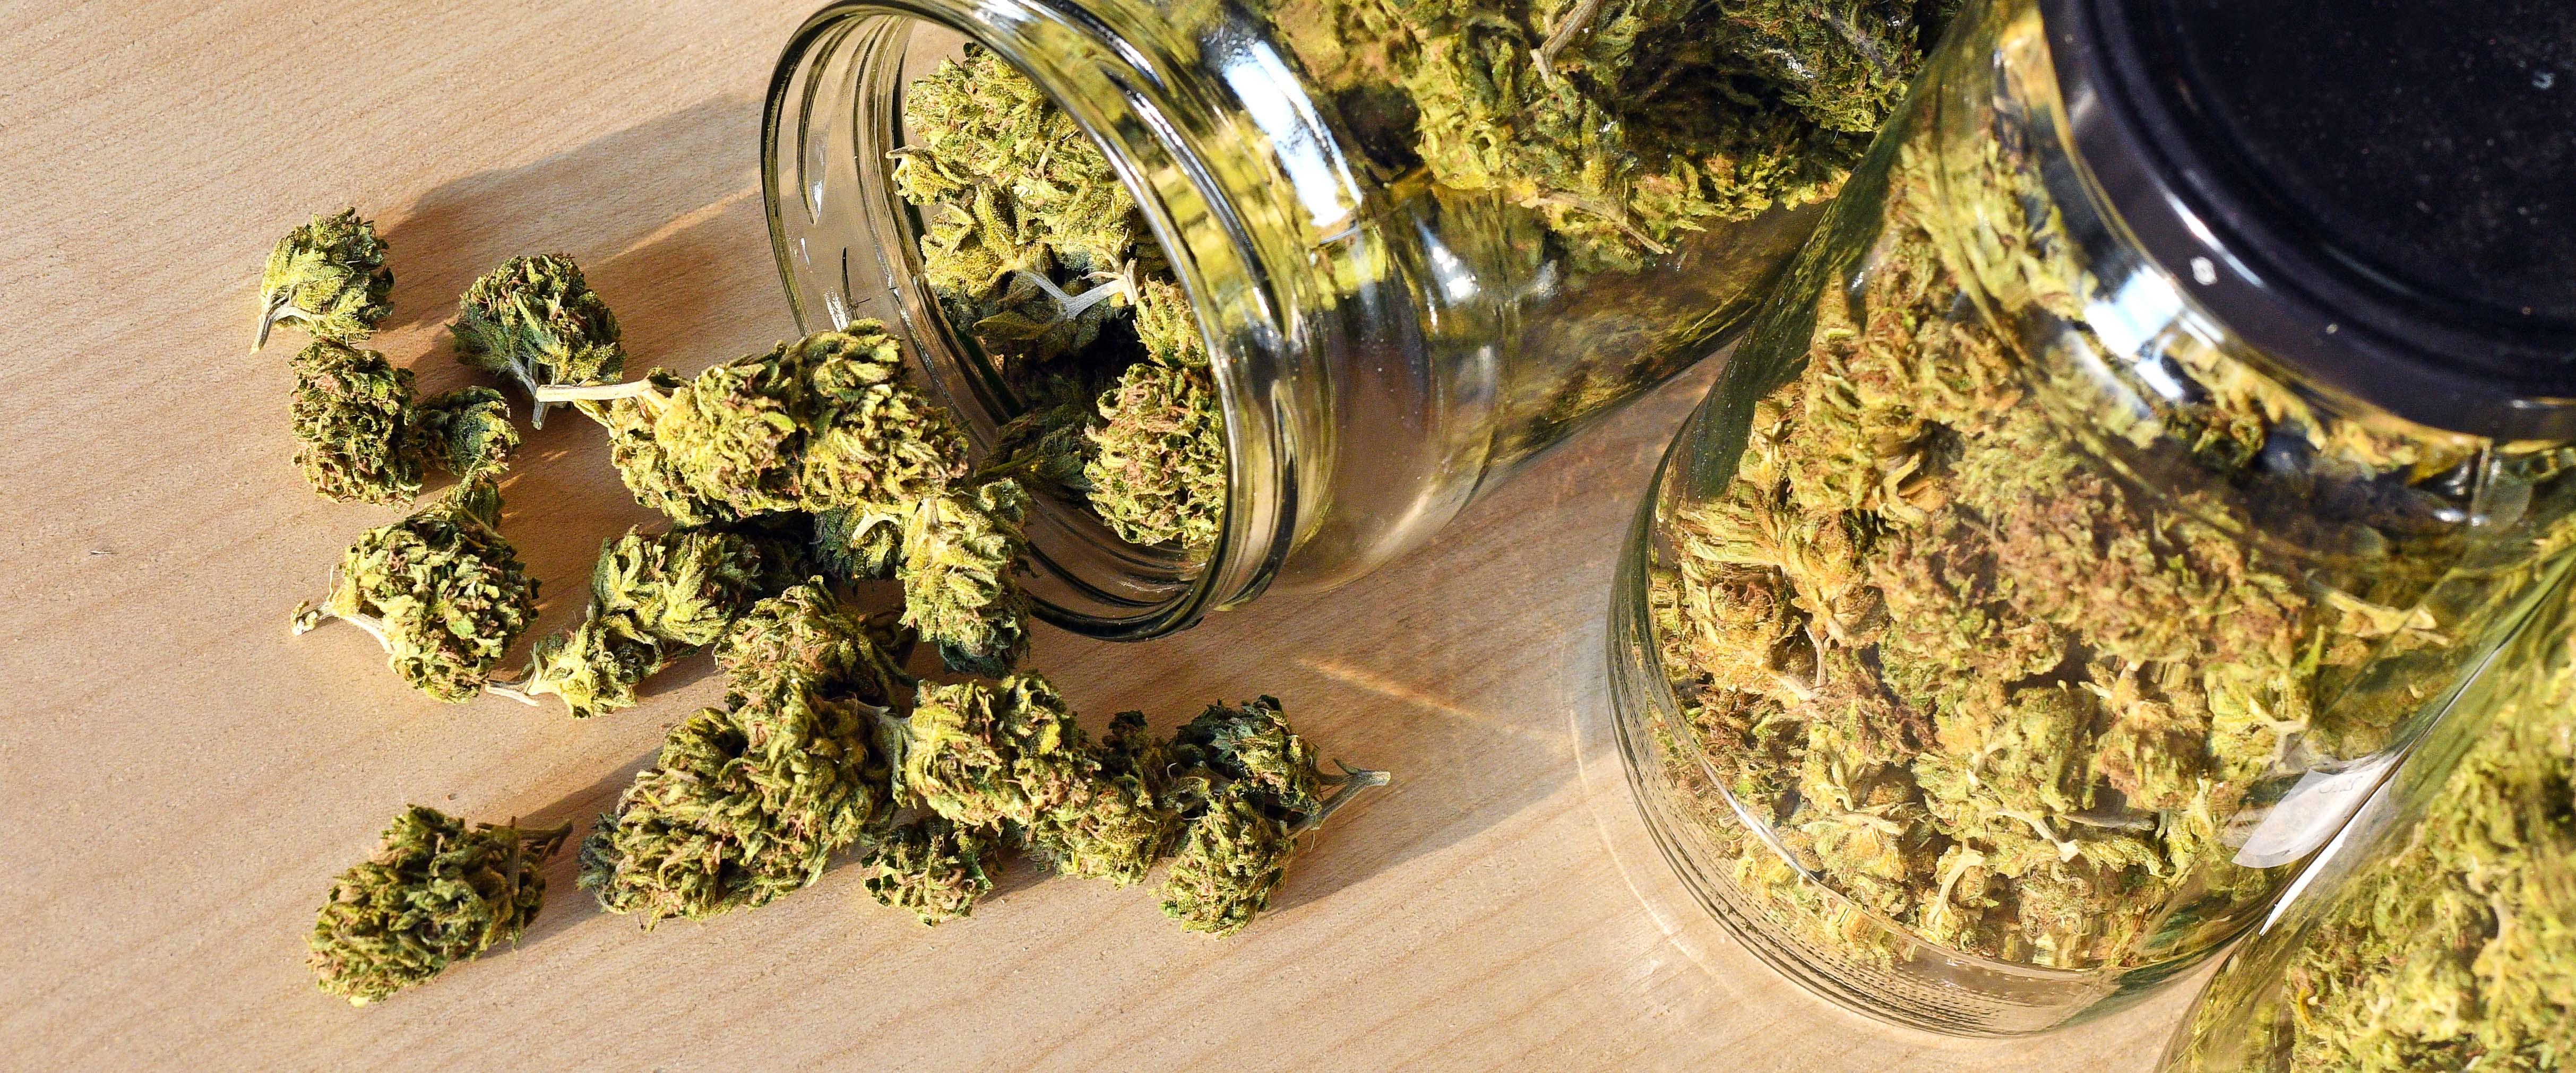 marijuana morally okay